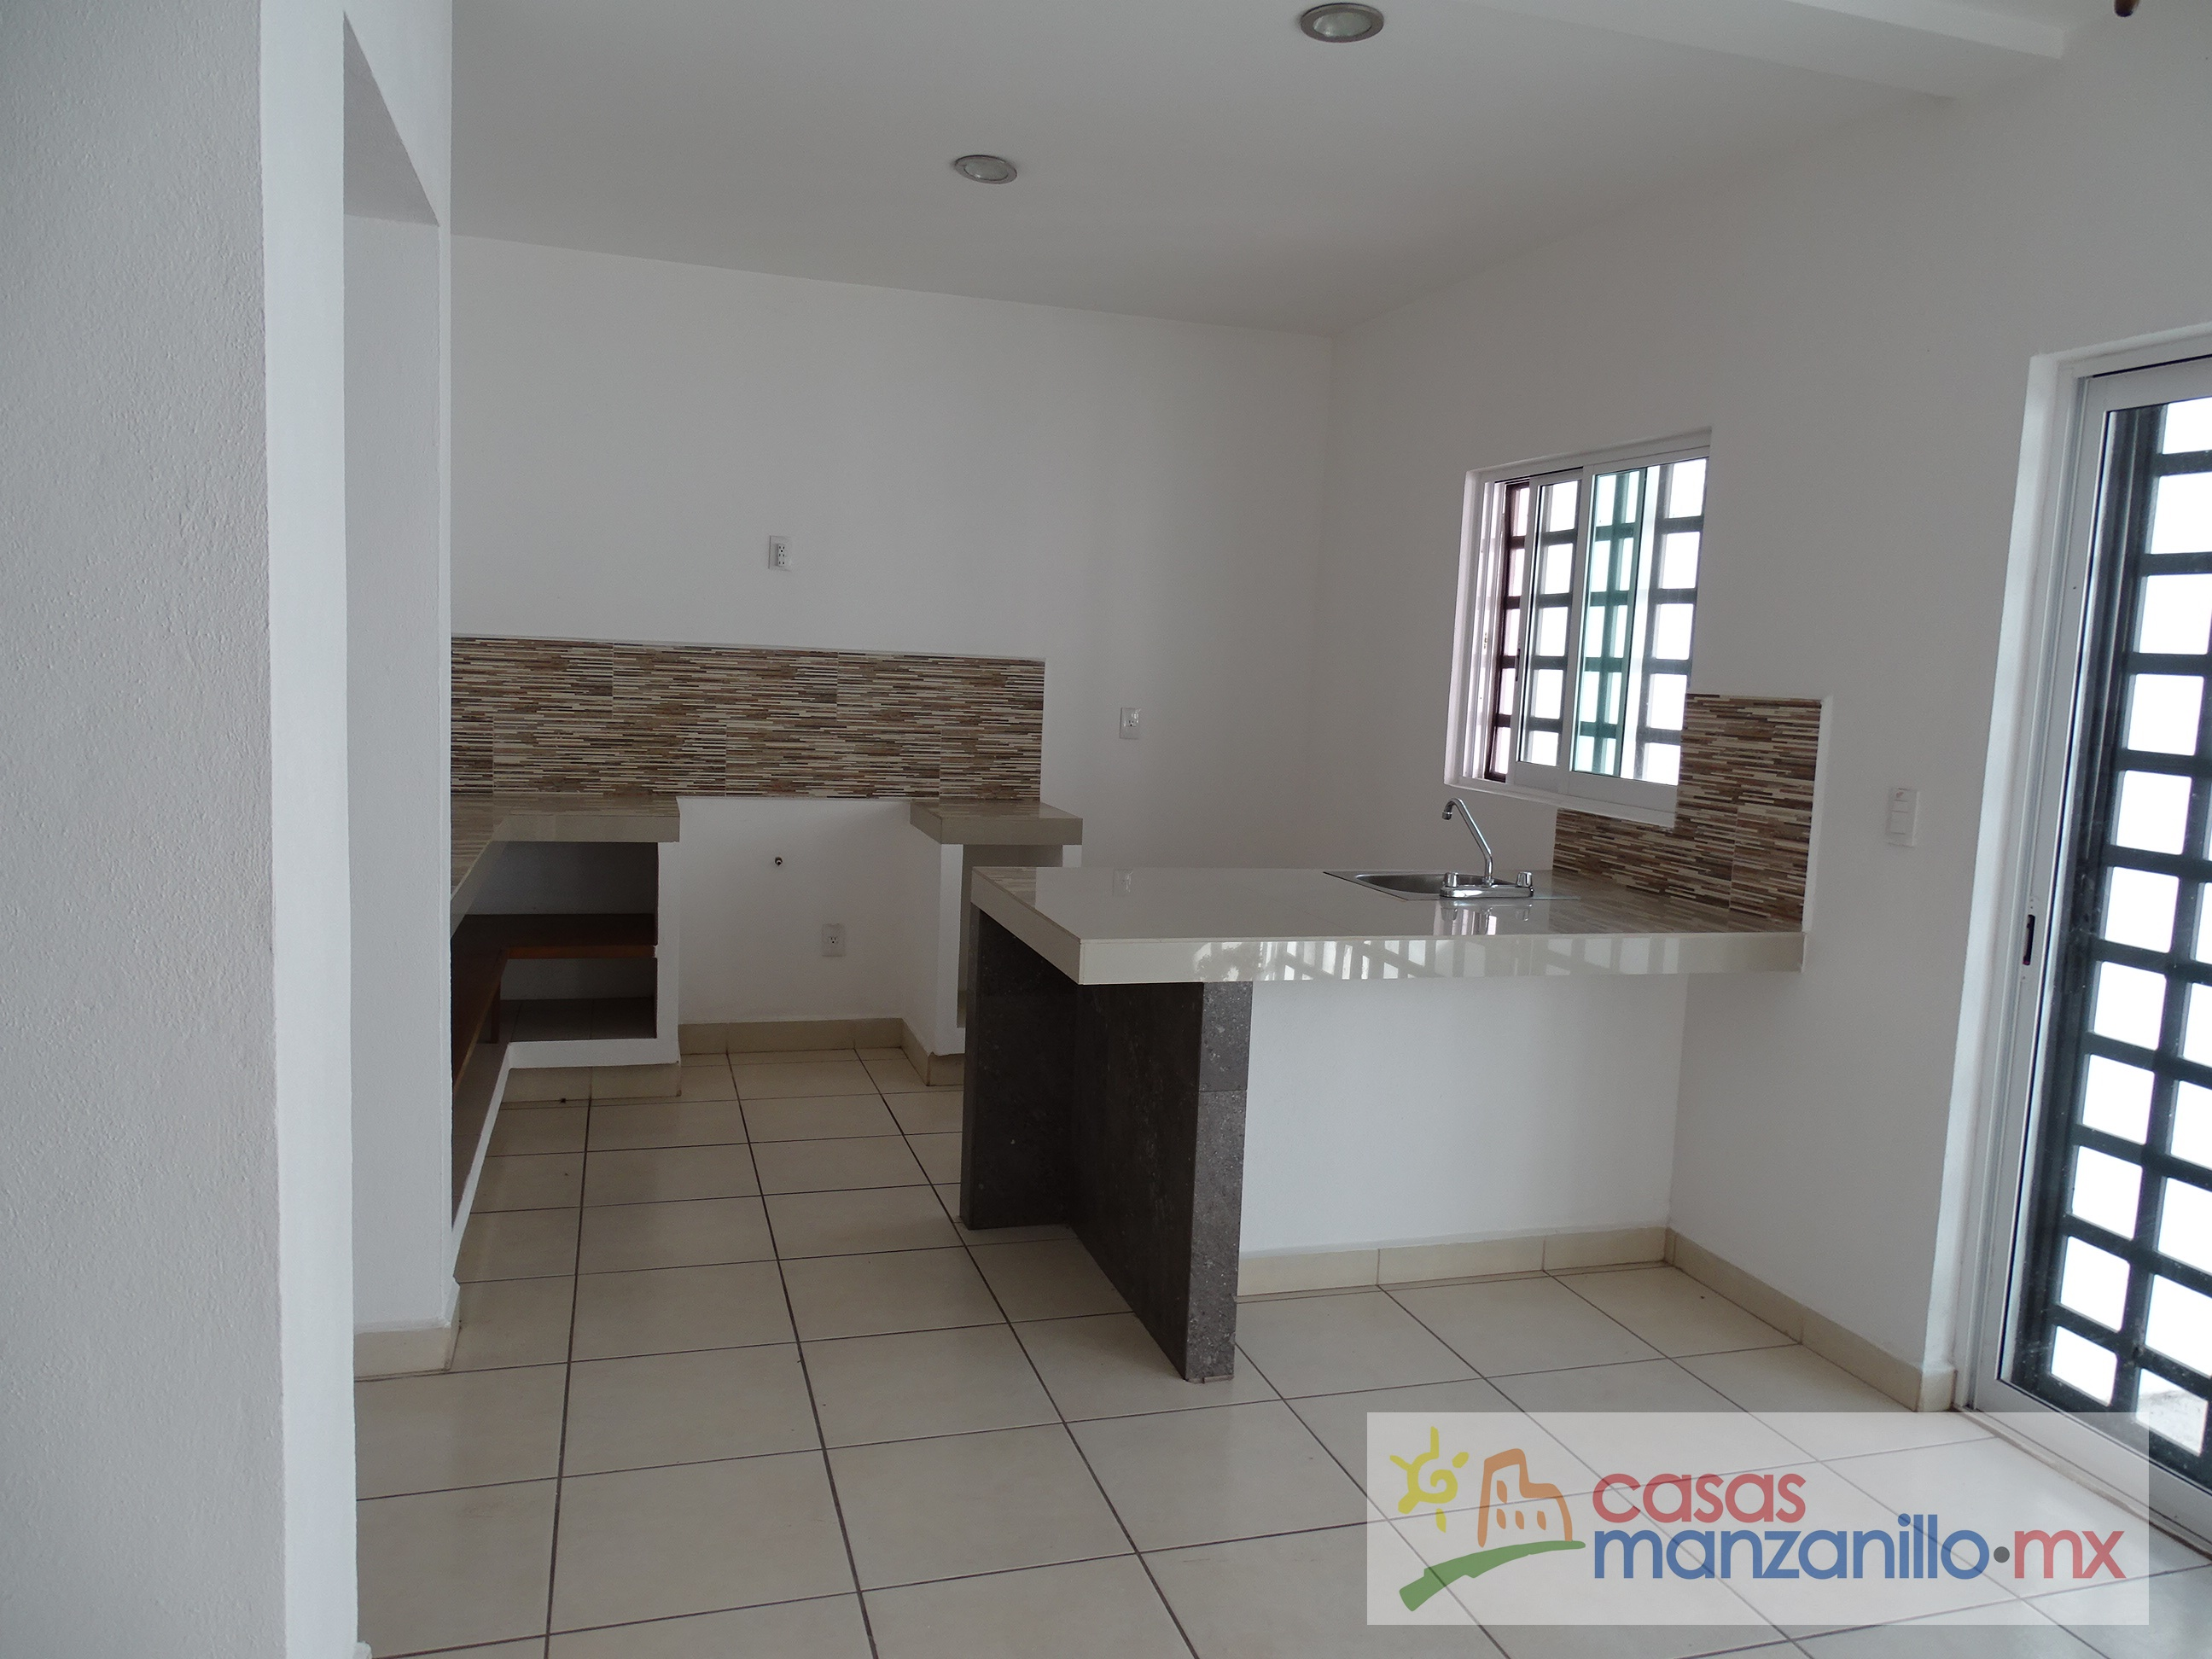 Casas RENTA Manzanillo - Los Altos (9)